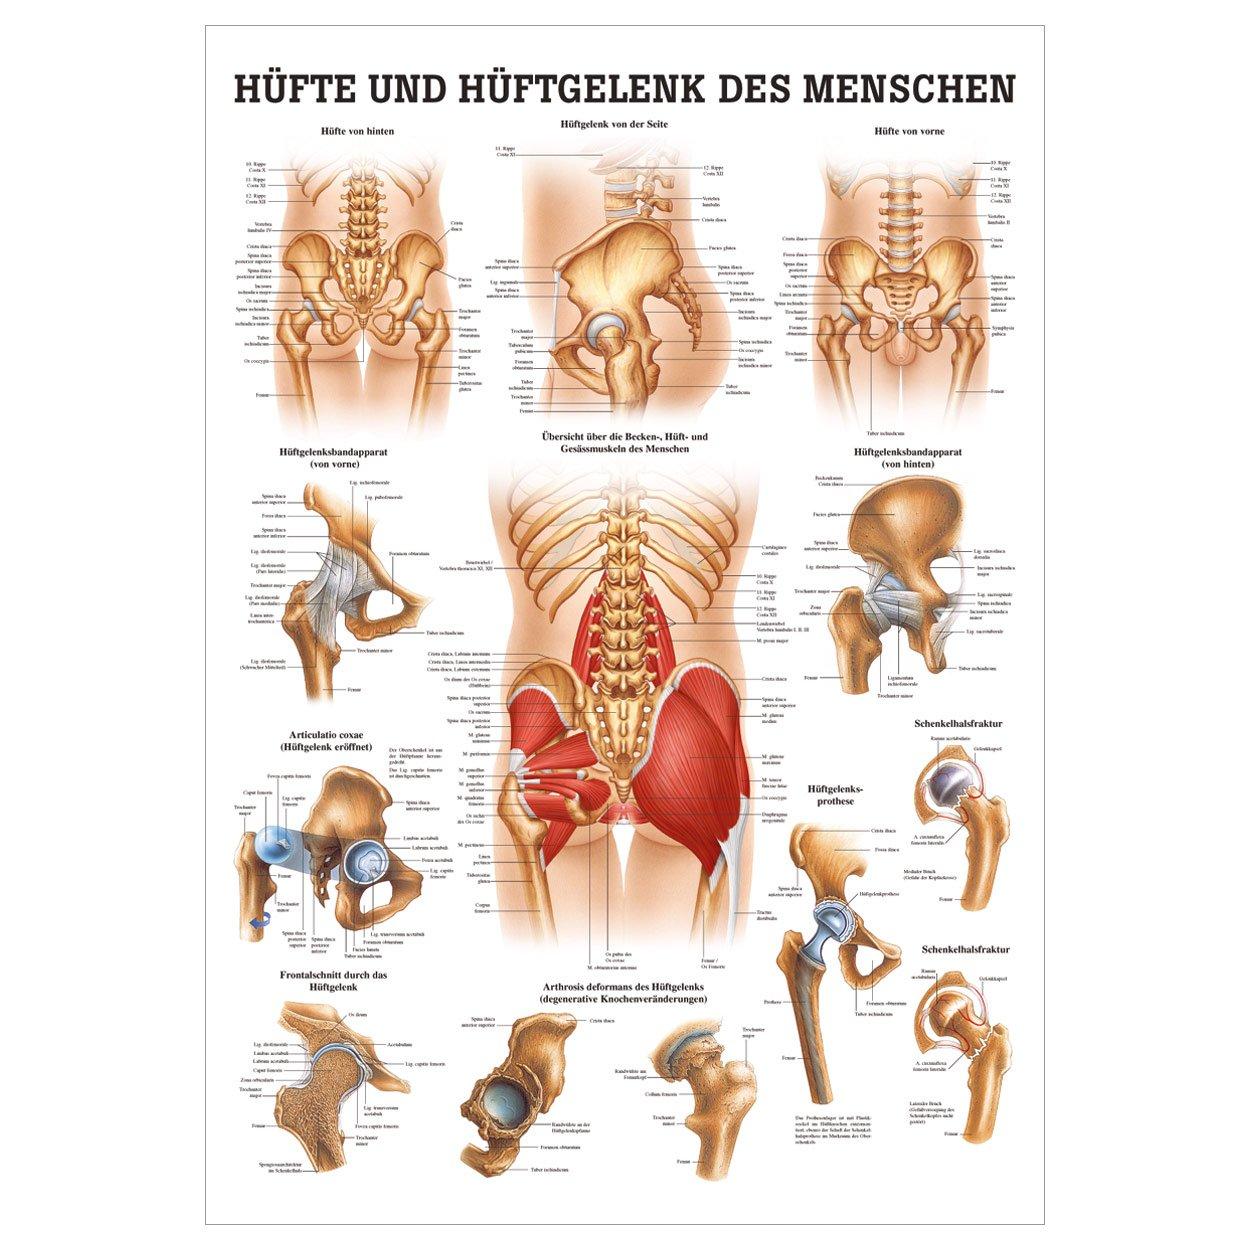 Groß Bursa Hüftanatomie Ideen - Menschliche Anatomie Bilder ...